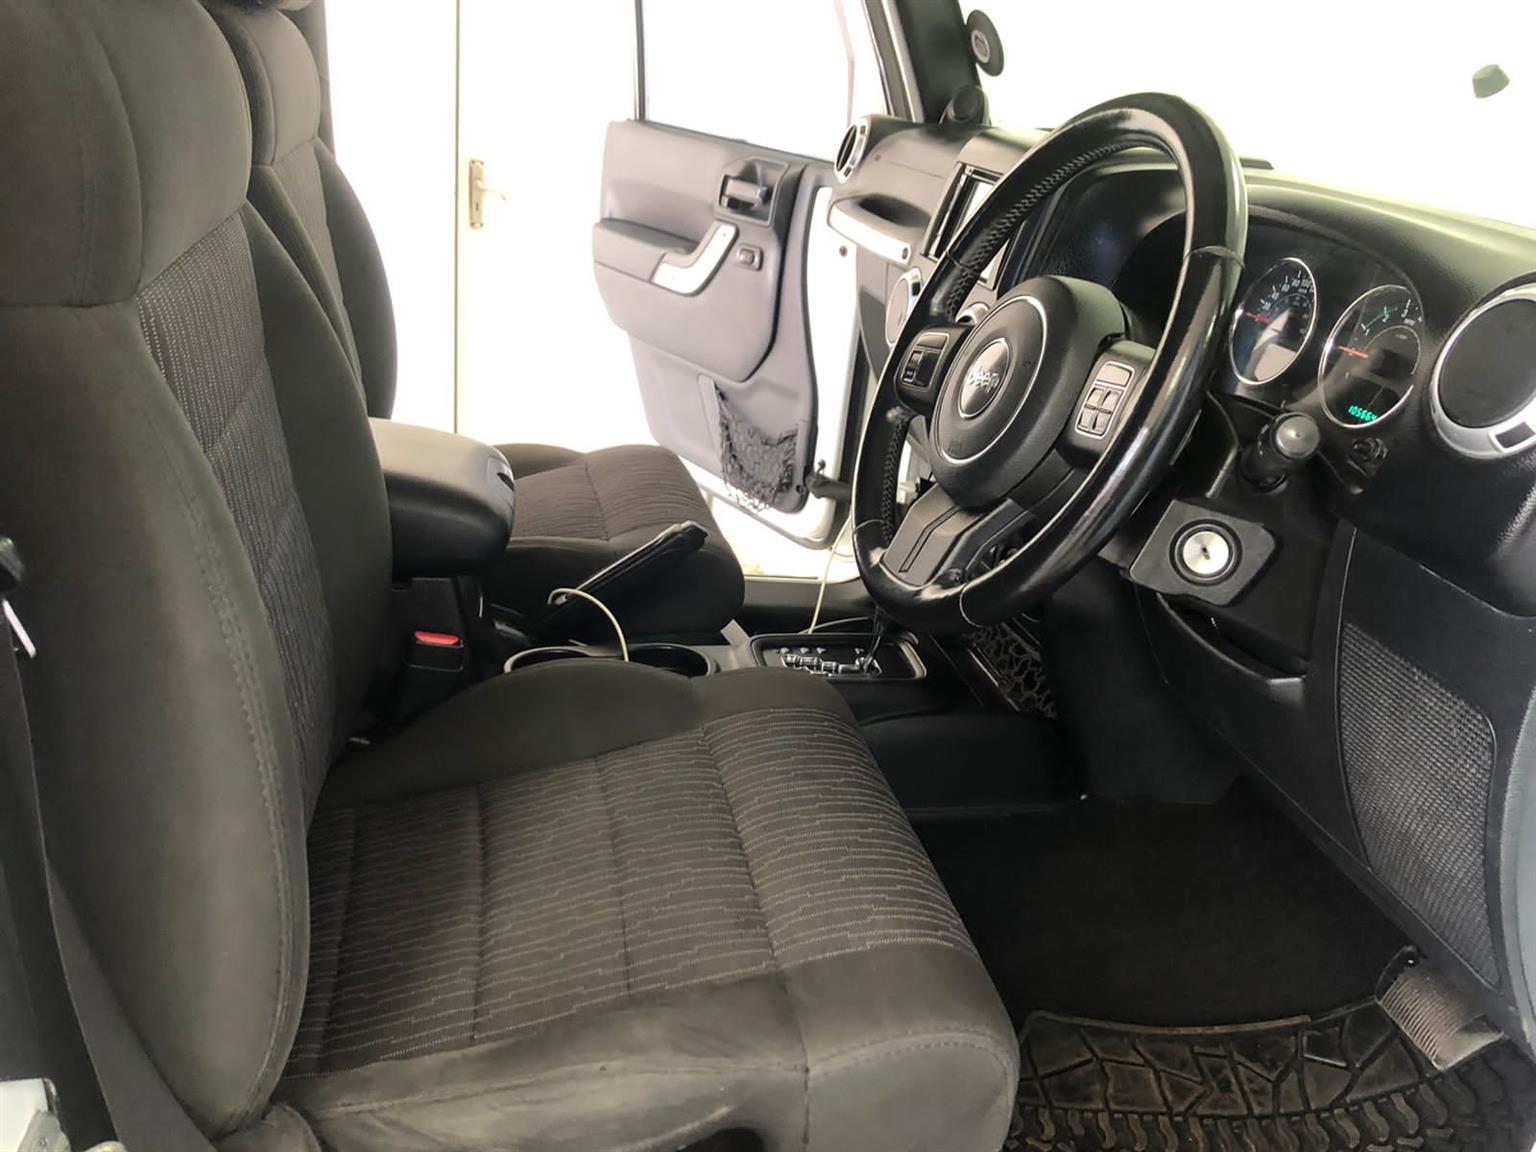 2011 Jeep Wrangler Unlimited 3.8L Rubicon 4x4 Auto